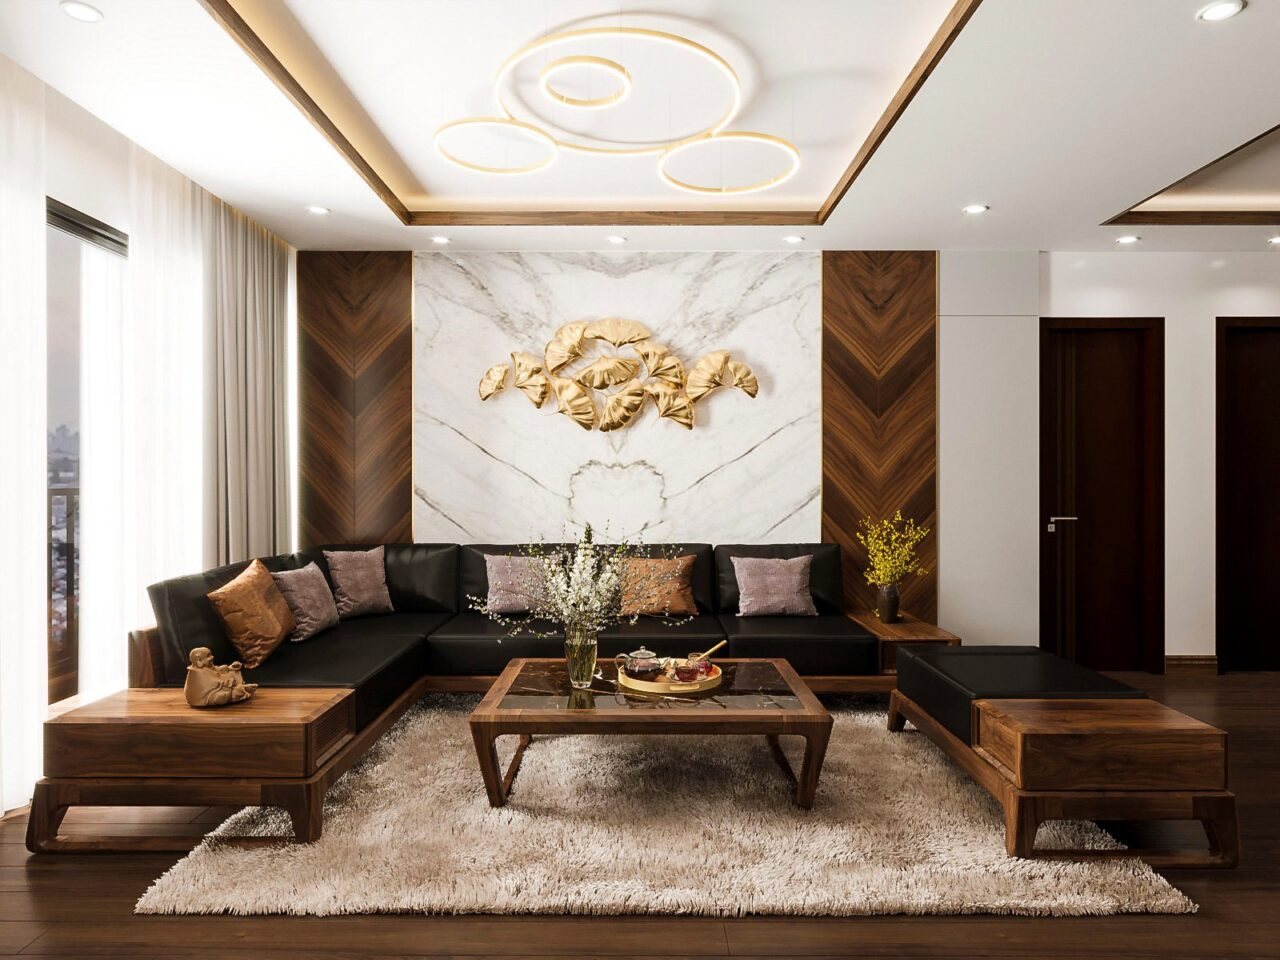 Phòng khách gỗ óc chó bề thế với tone màu nâu trầm của gỗ